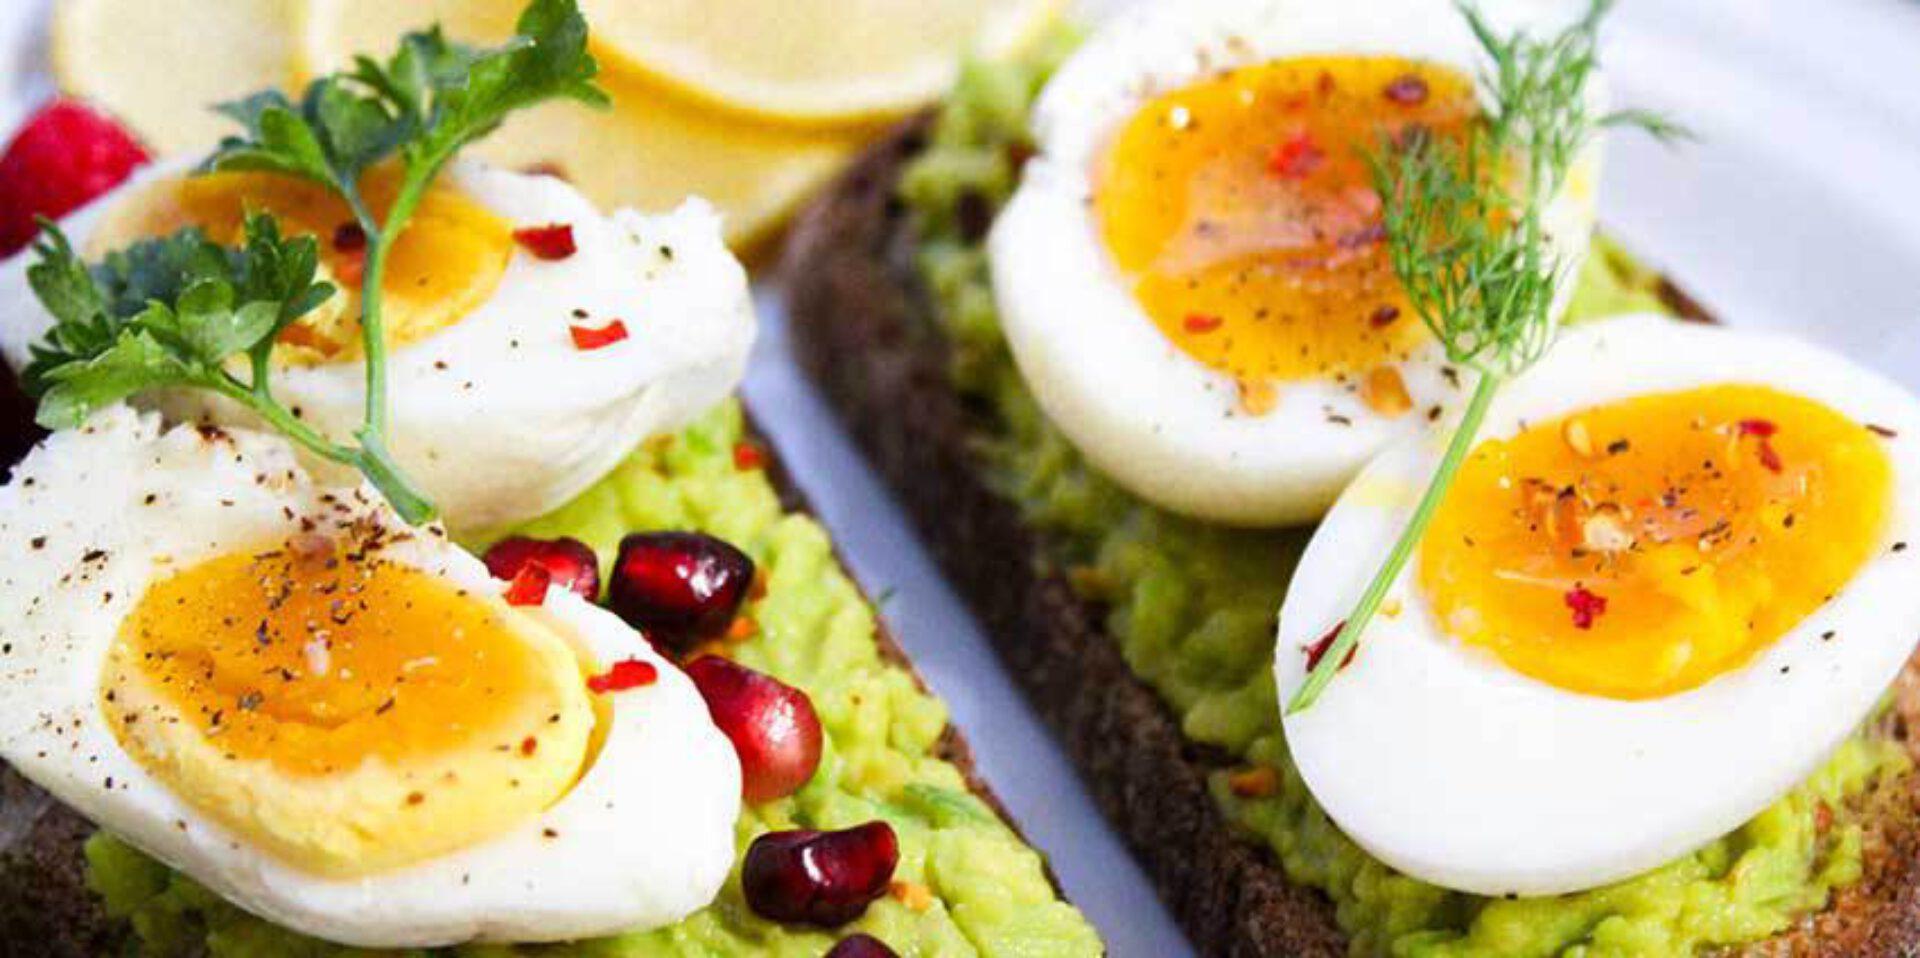 Orthomoleculaire voeding: een alternatieve kijk op gezondheid - tips om je immuunsysteem te versterken